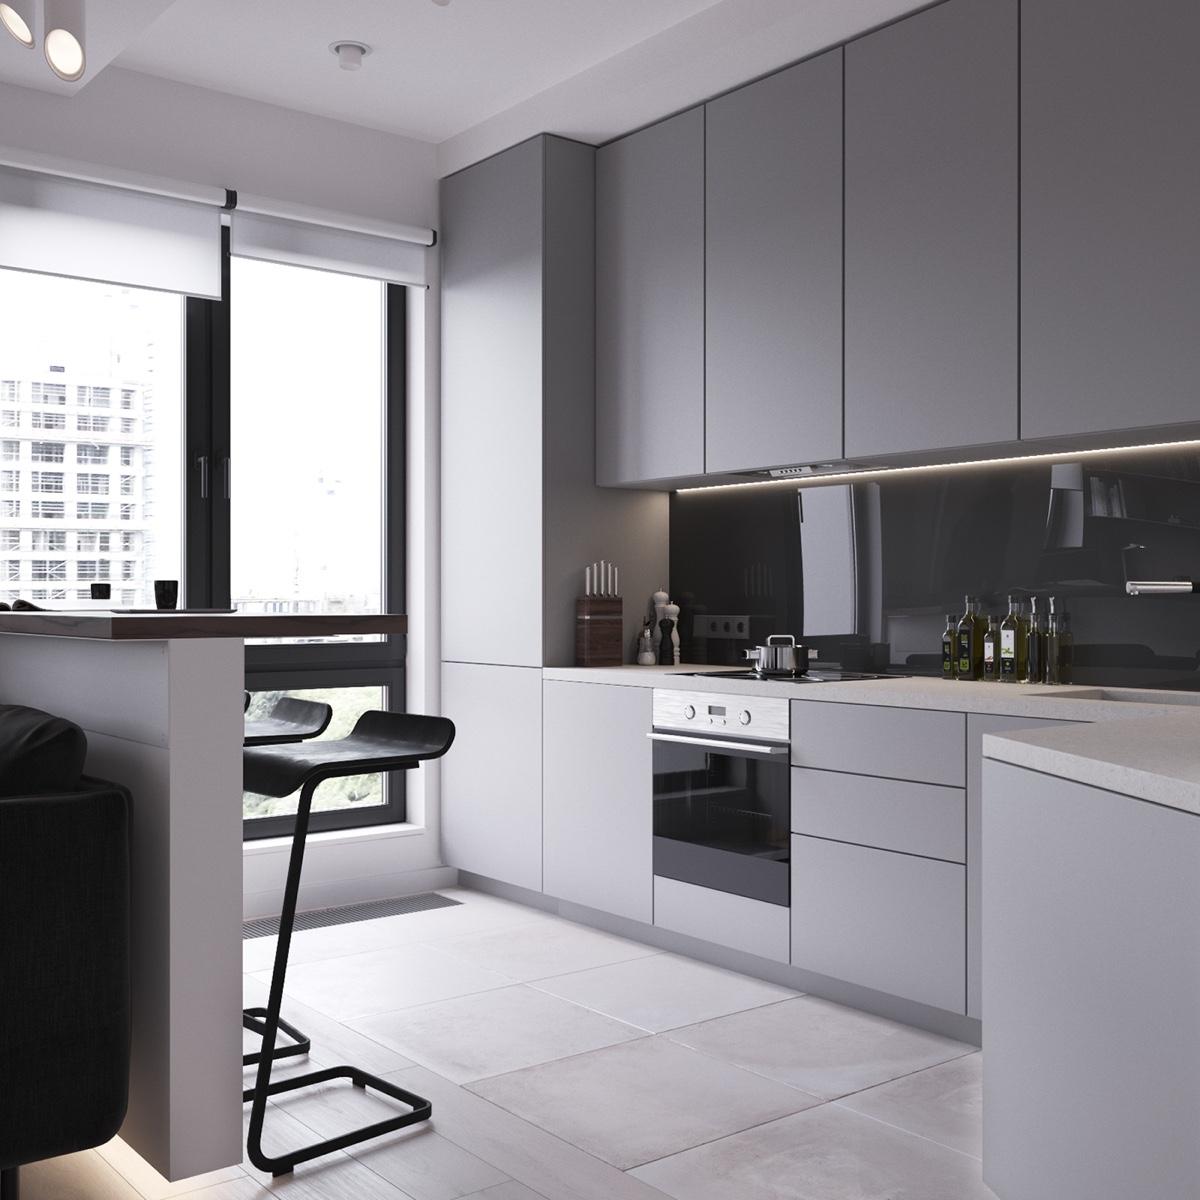 Thích mê 3 căn hộ hiện đại với diện tích khiêm tốn dưới 50m2 - Ảnh 17.